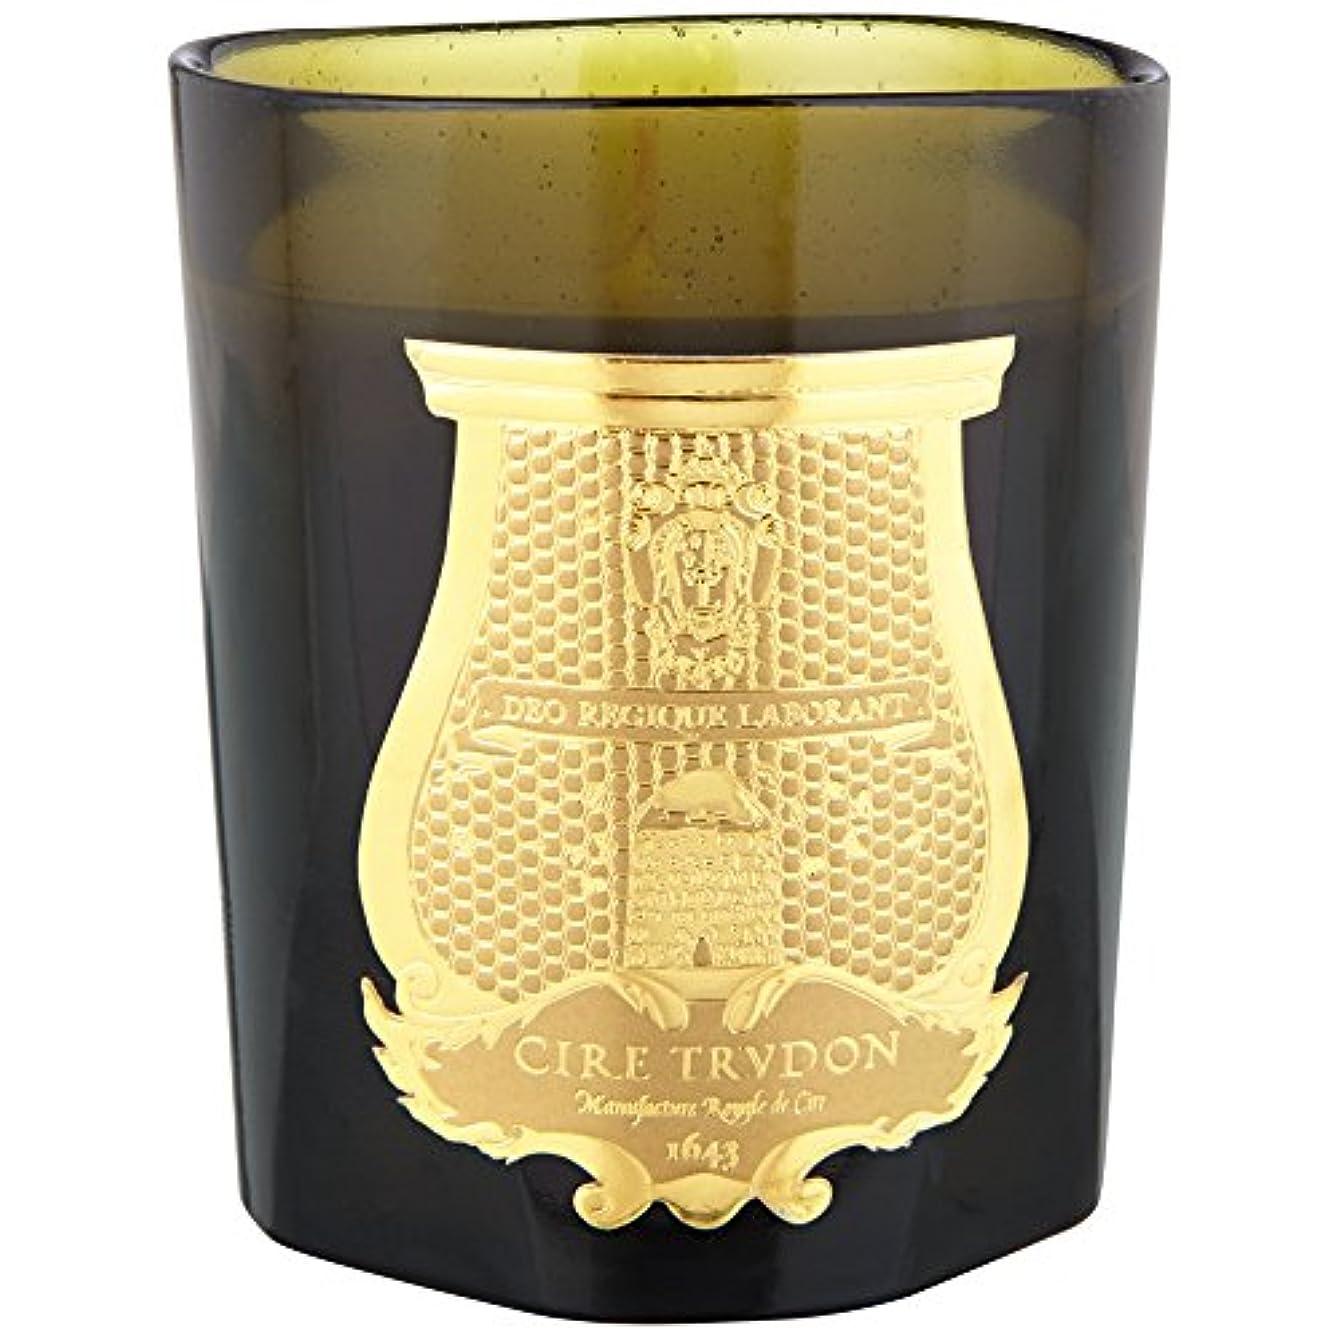 見つけた料理誇張するCire Trudon Byron Scented Candle (Pack of 2) - Cire Trudonバイロン香りのキャンドル (Cire Trudon) (x2) [並行輸入品]